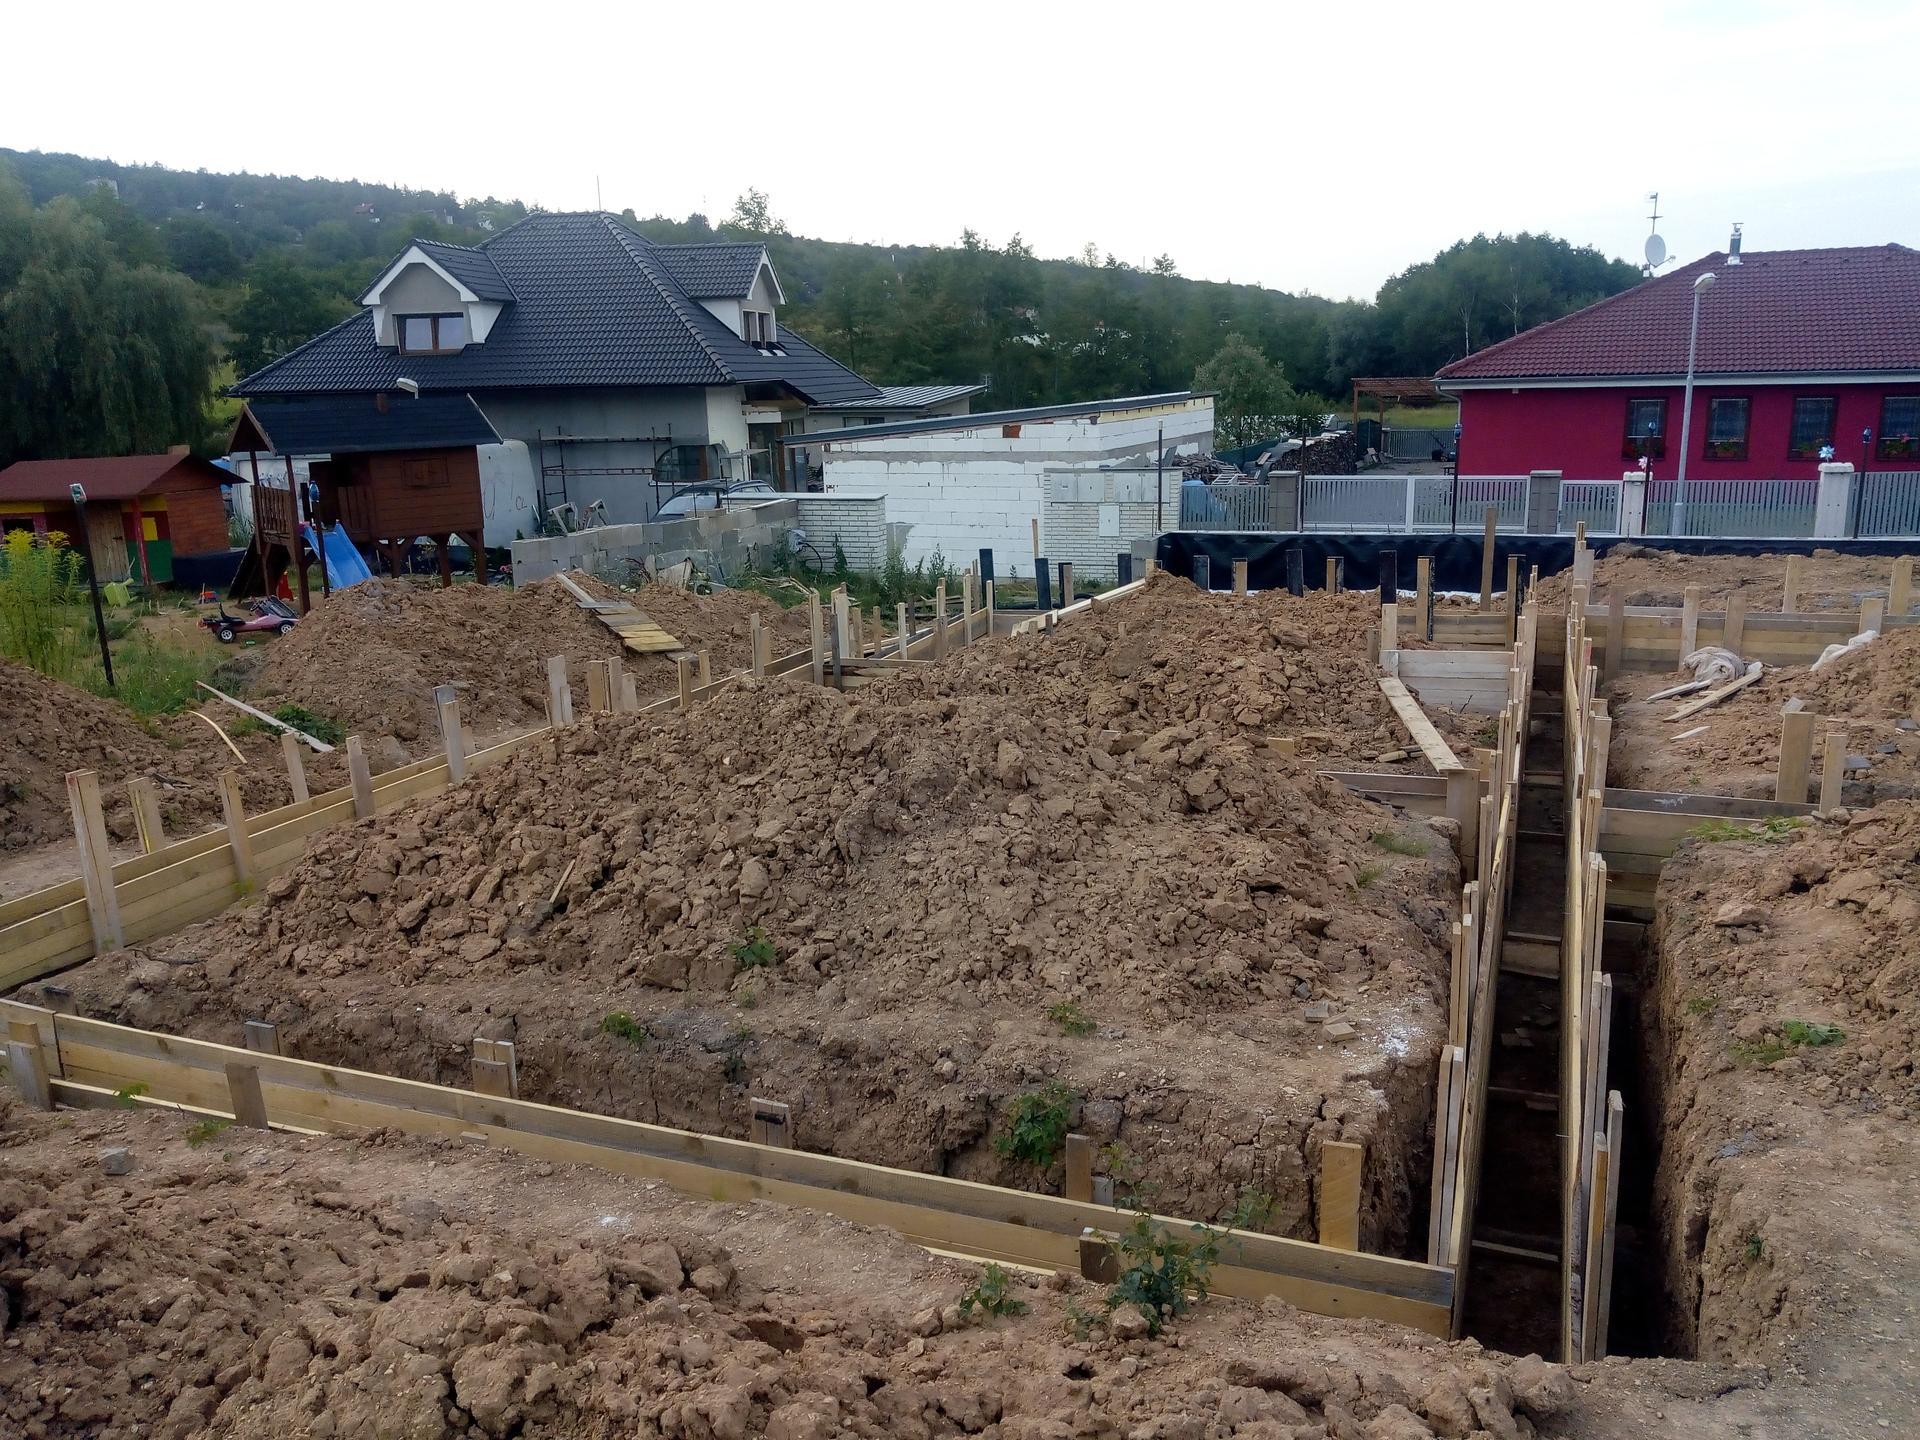 Příprava pozemku, bednění, základy, opěrka, bouda, plot - Obrázek č. 52